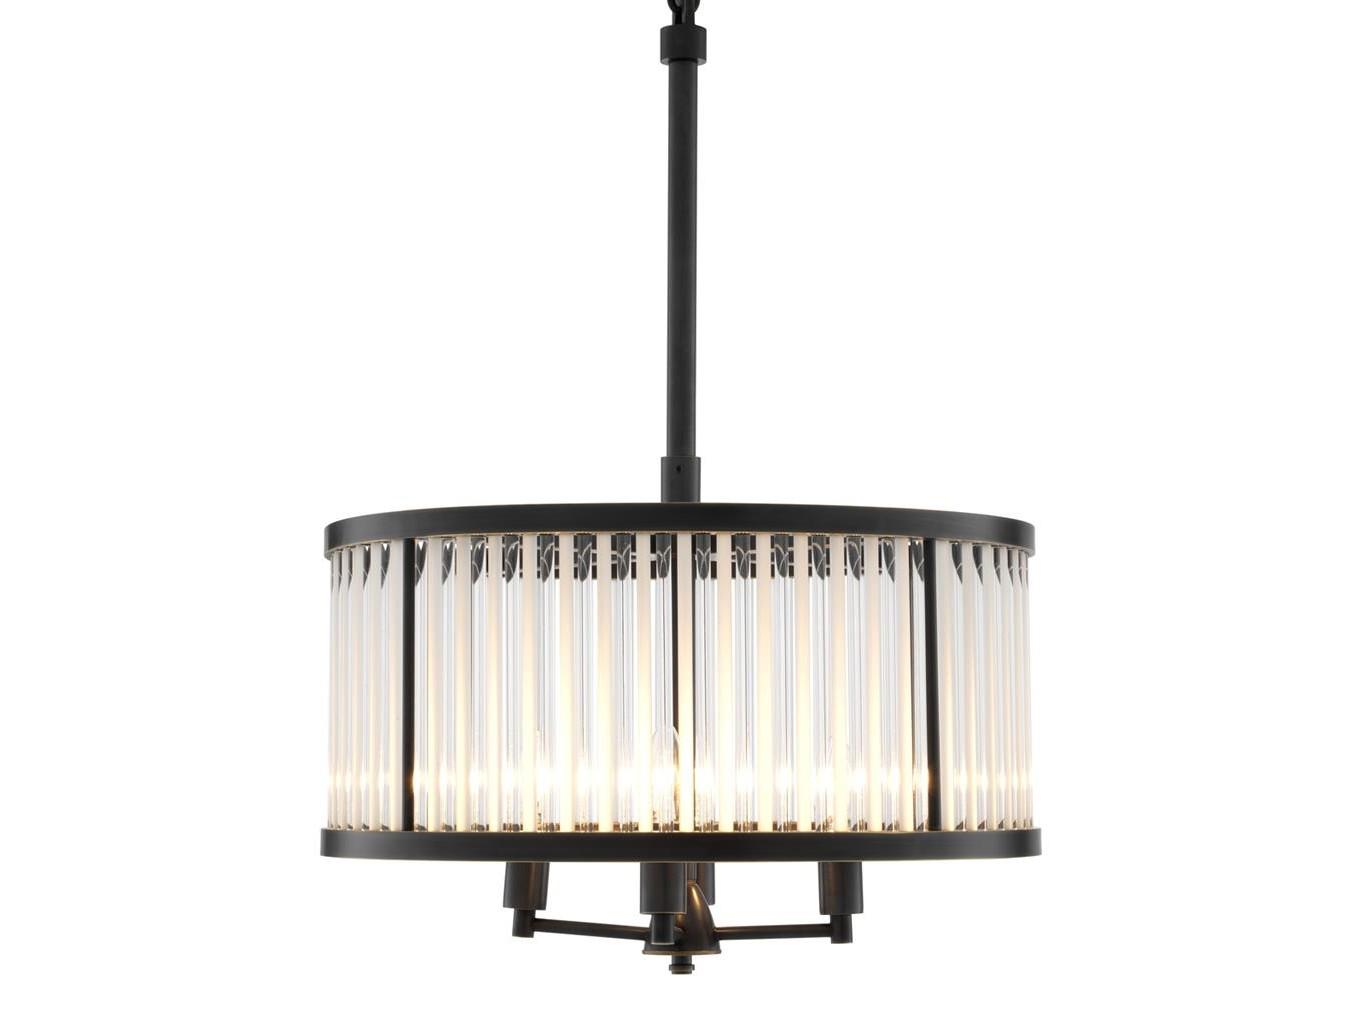 Подвесной светильник DarcyЛюстры подвесные<br>Высота светильника регулируется за счет звеньев цепи.&amp;lt;div&amp;gt;&amp;lt;br&amp;gt;&amp;lt;/div&amp;gt;&amp;lt;div&amp;gt;&amp;lt;div&amp;gt;Вид цоколя: E14&amp;lt;/div&amp;gt;&amp;lt;div&amp;gt;Мощность:&amp;amp;nbsp; 40W&amp;amp;nbsp;&amp;lt;/div&amp;gt;&amp;lt;div&amp;gt;Количество ламп: 4 (нет в комплекте)&amp;lt;/div&amp;gt;&amp;lt;/div&amp;gt;<br><br>Material: Стекло<br>Ширина см: 52<br>Высота см: 72<br>Глубина см: 52